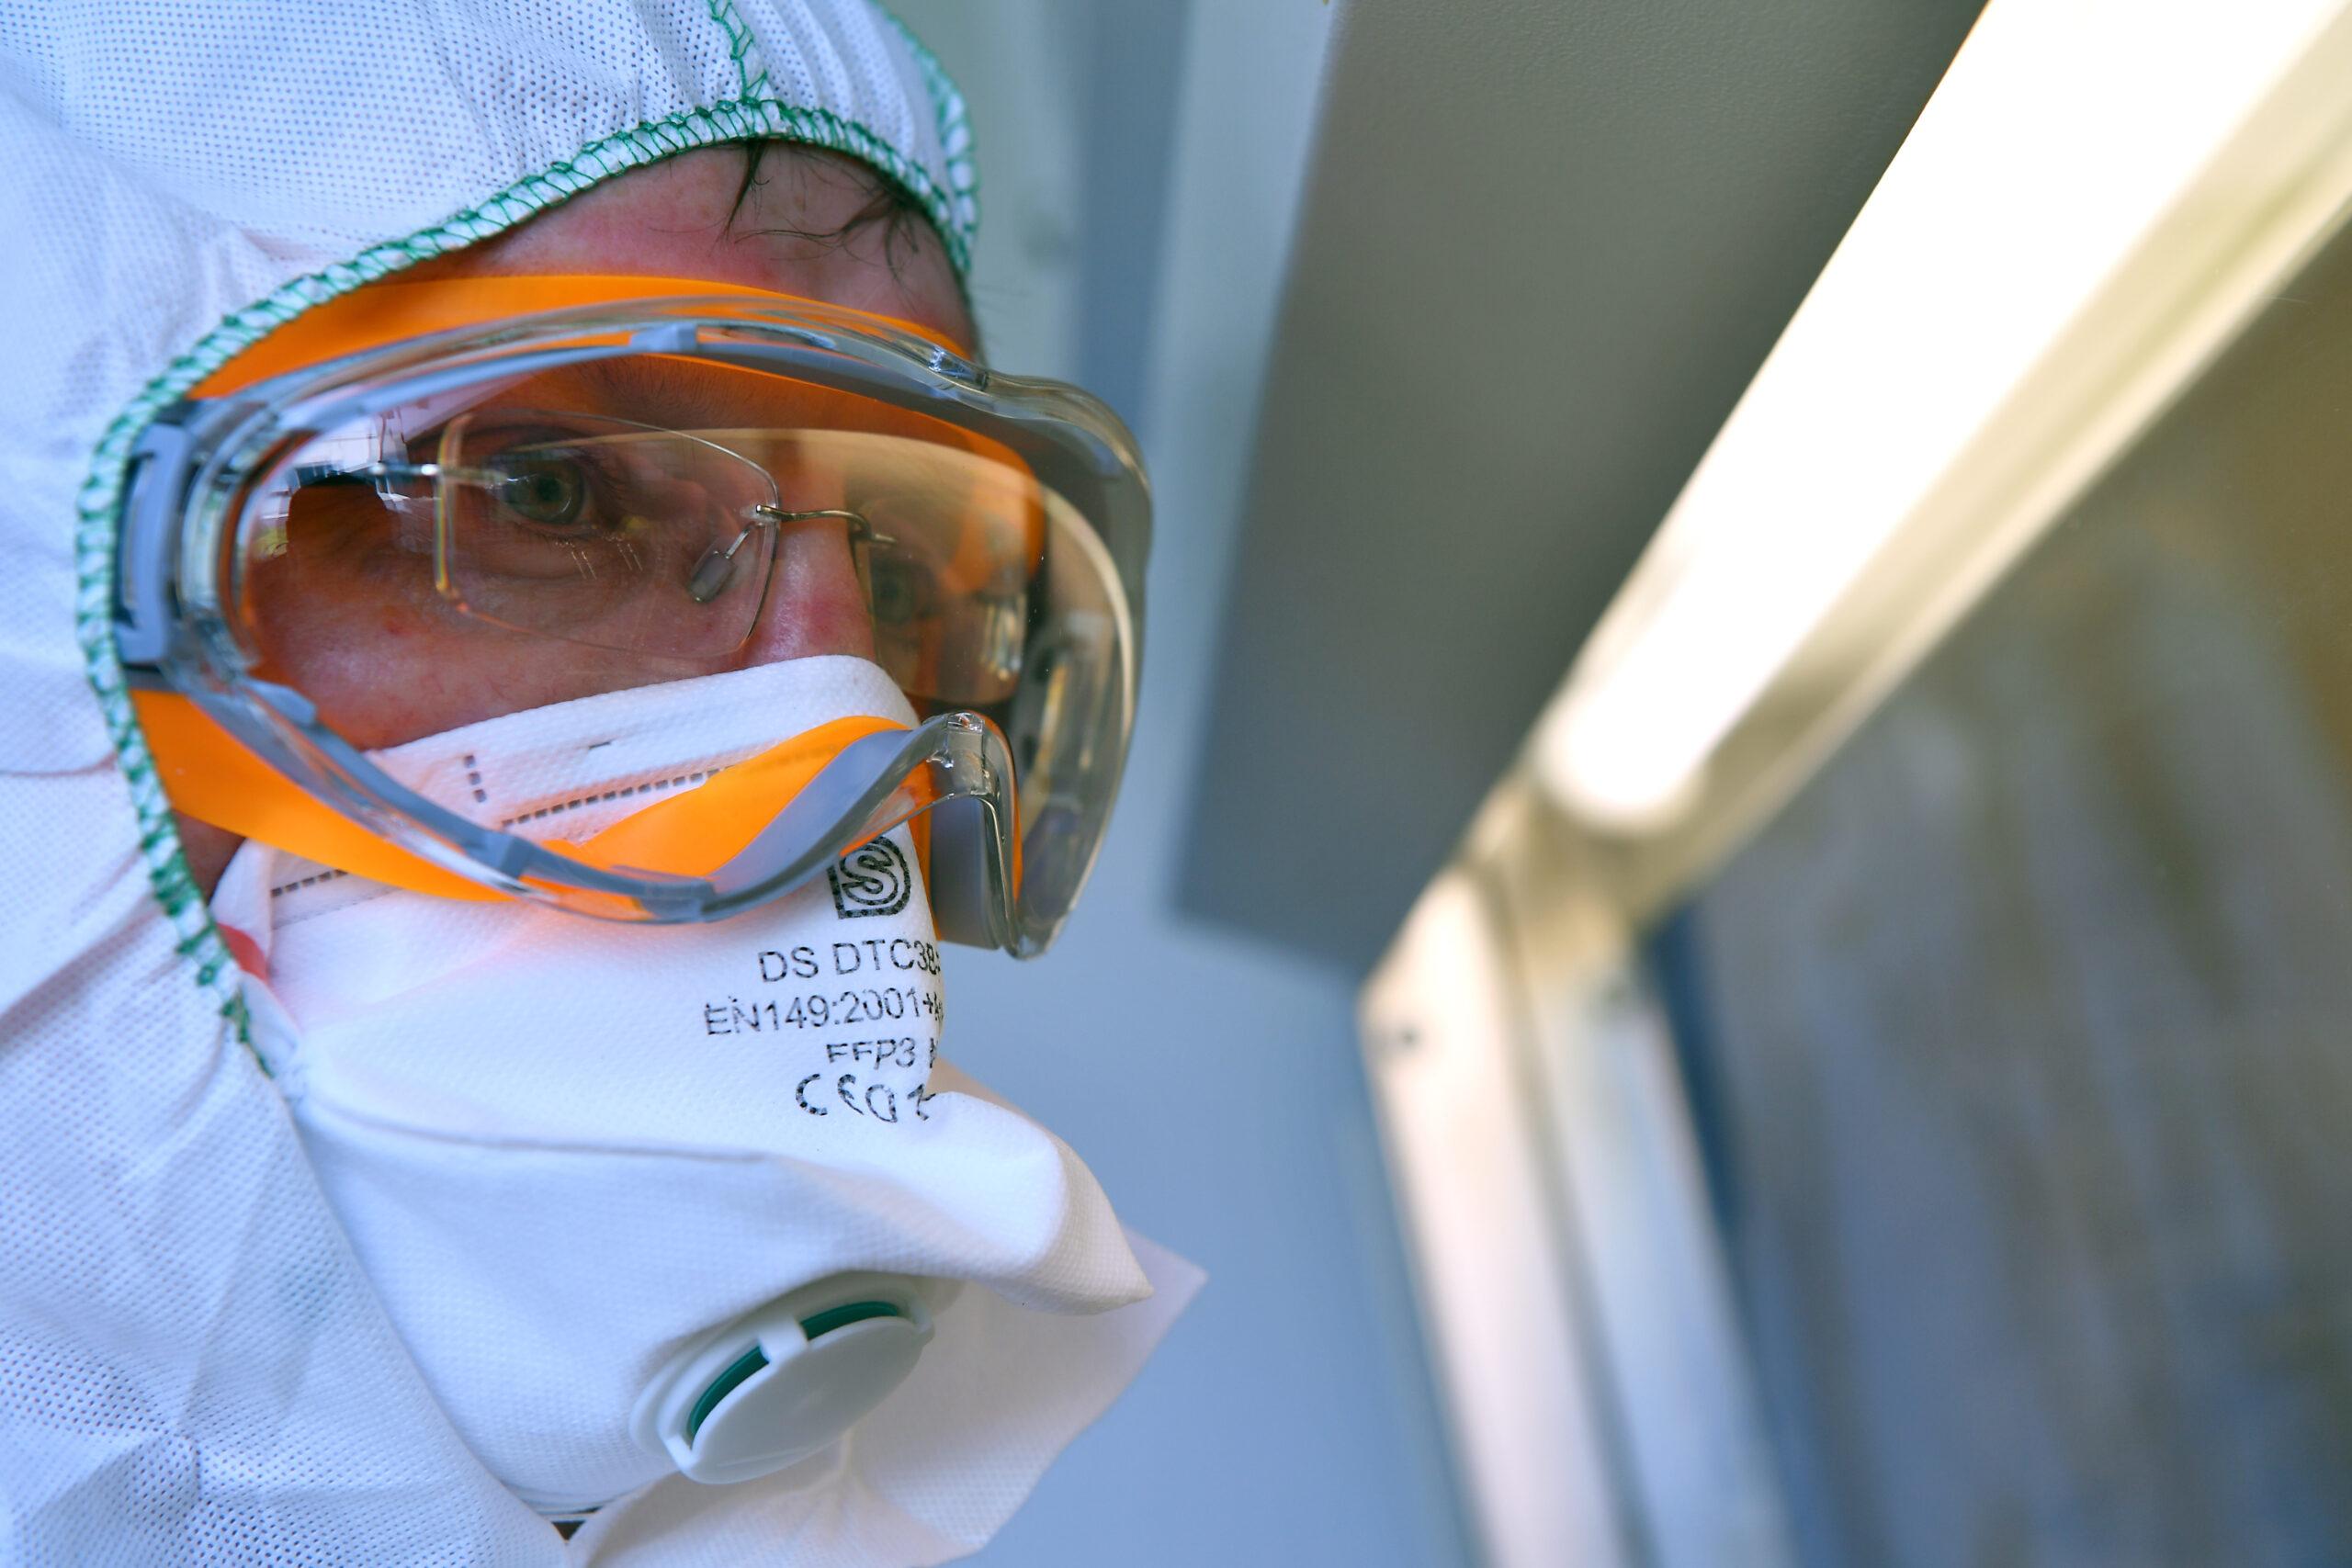 [SONDAŻ] Co dwunasty Polak uważa, że epidemii koronawirusa nie ma